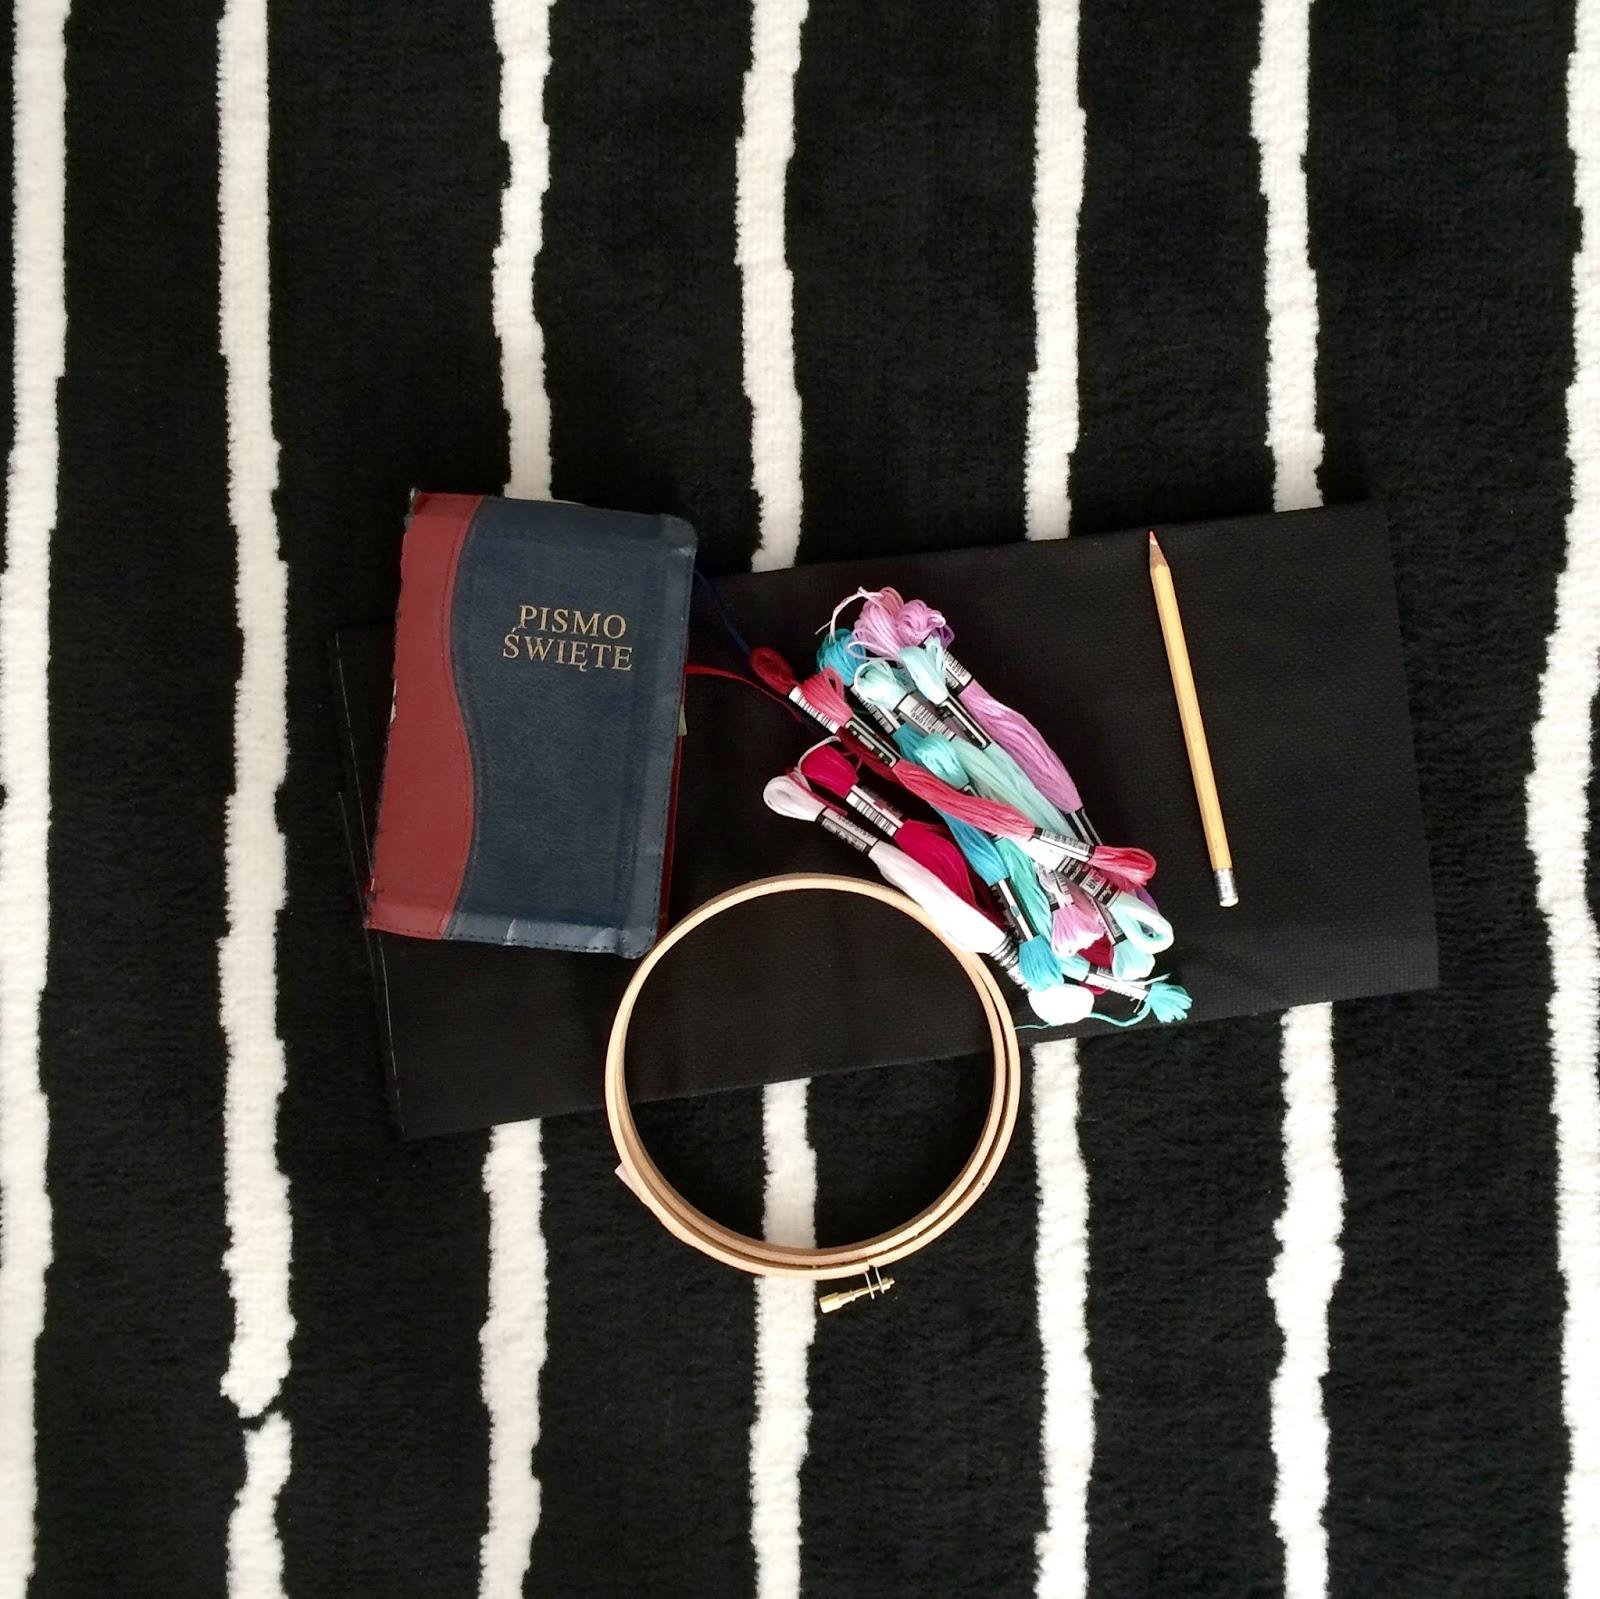 diy haft krzyżykowy potrzebne materiałe